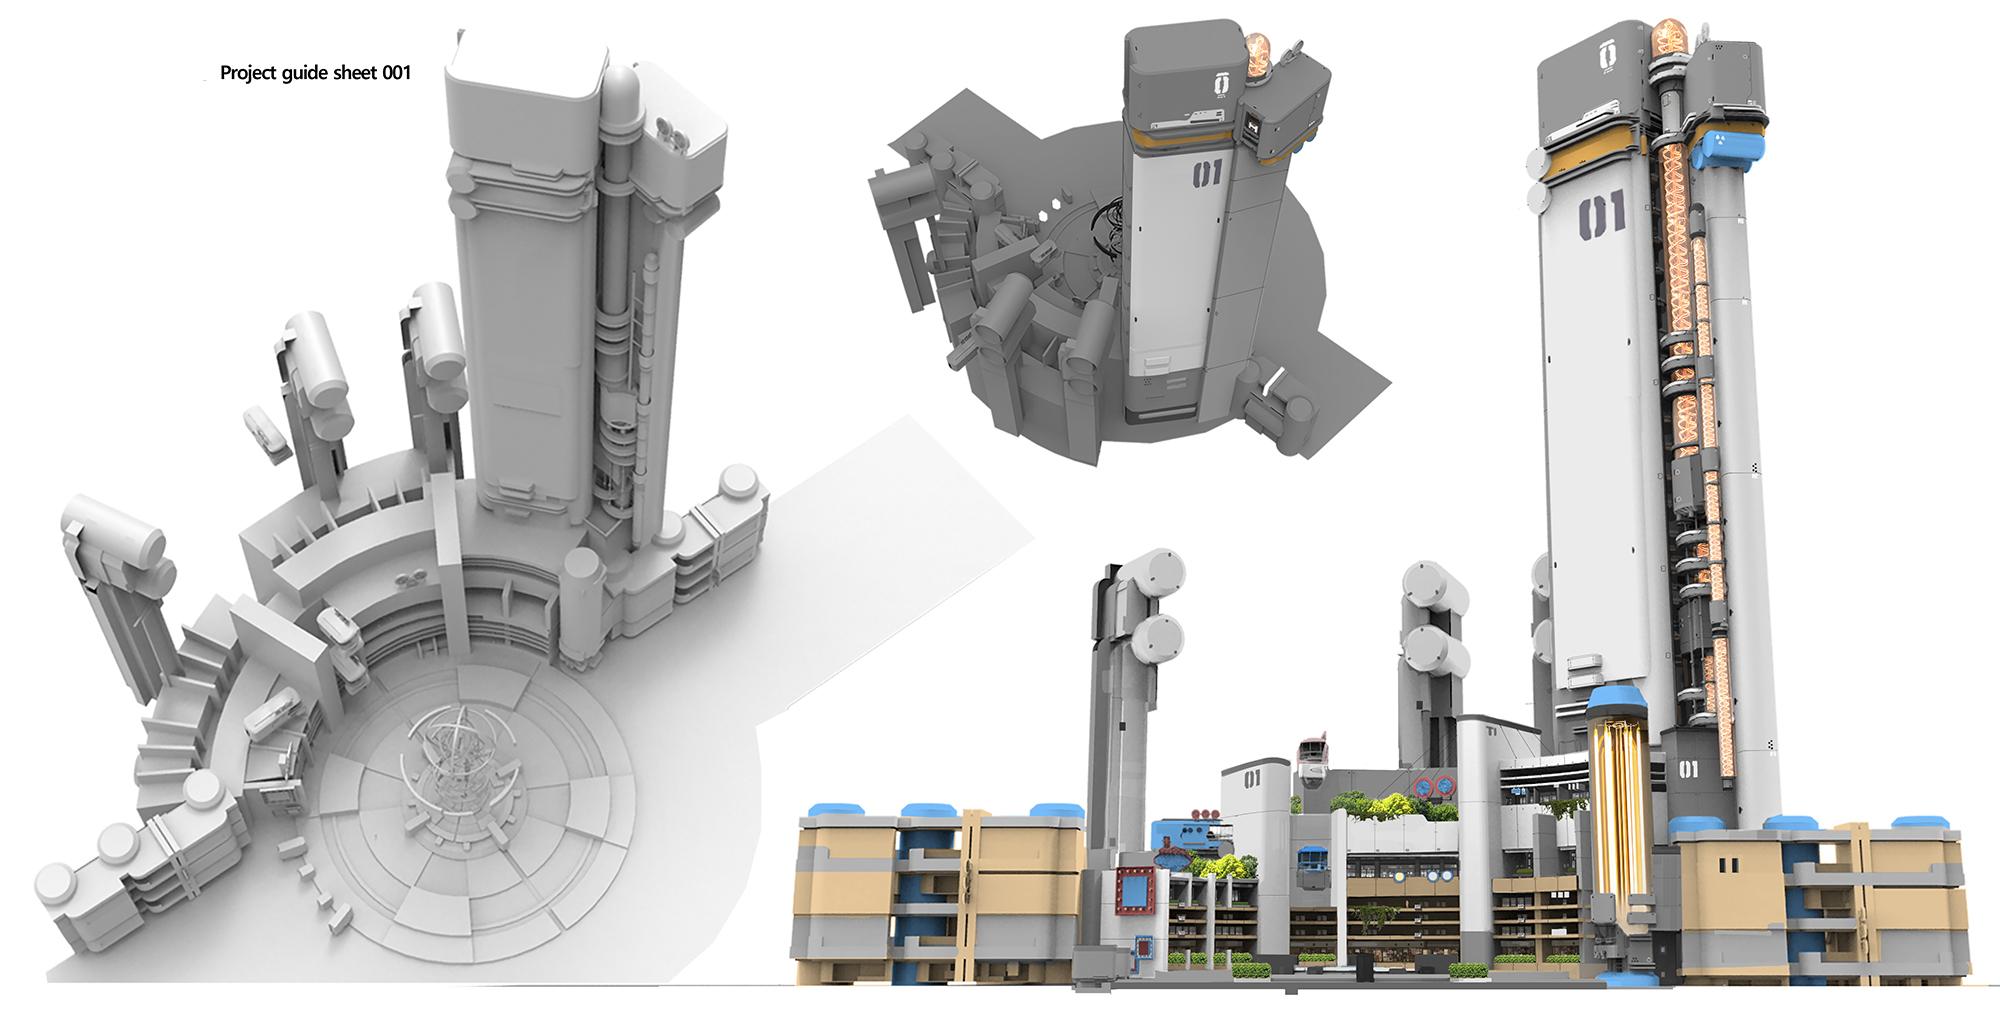 광장 프로젝트 가이드 시트 001